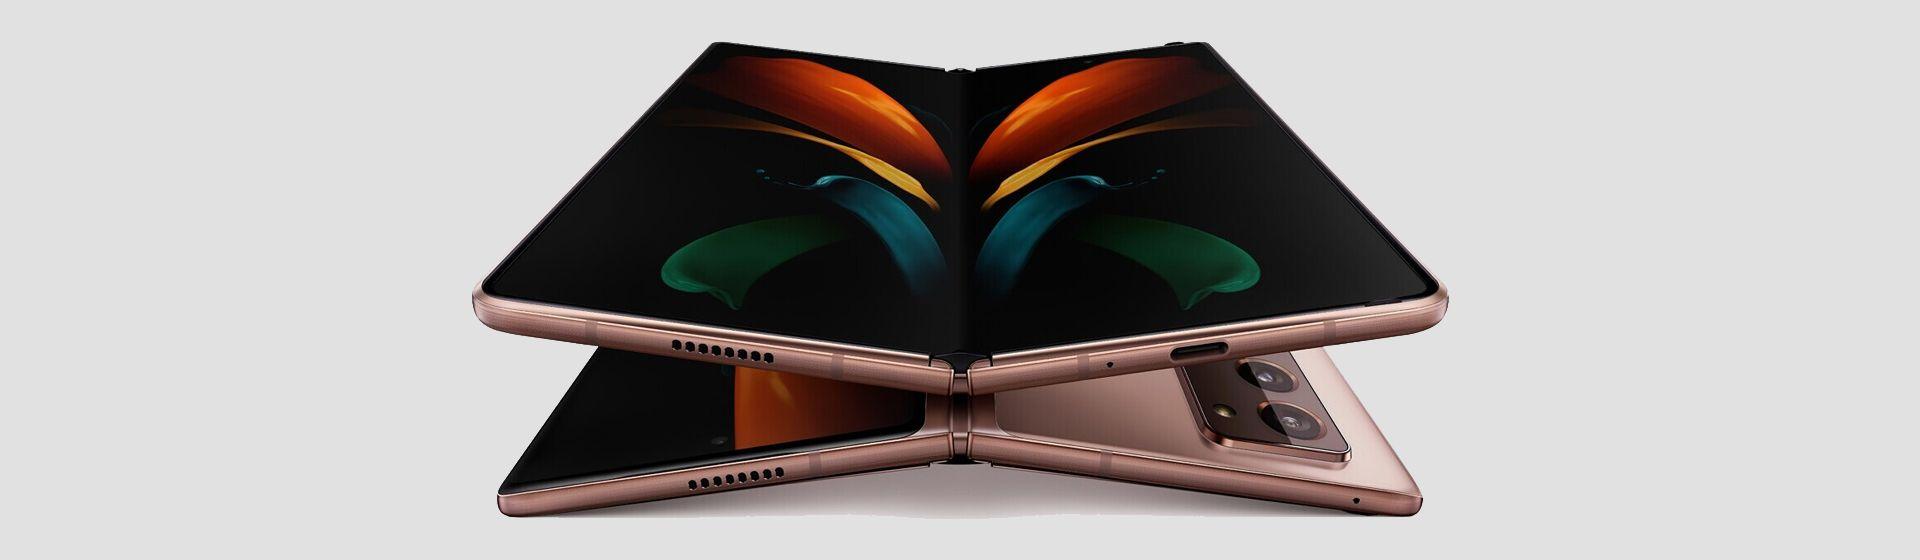 Samsung Galaxy Z Fold 2: preço, lançamento e ficha técnica do celular